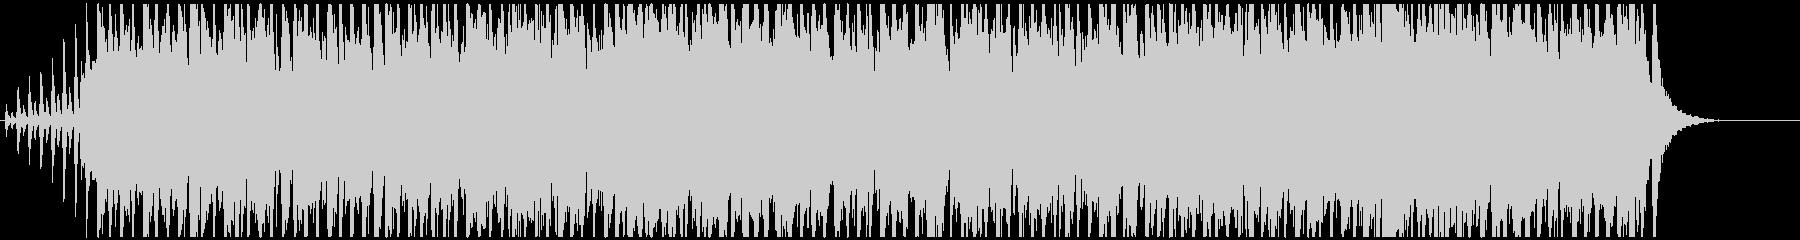 リズミカルで明るいBGMの未再生の波形